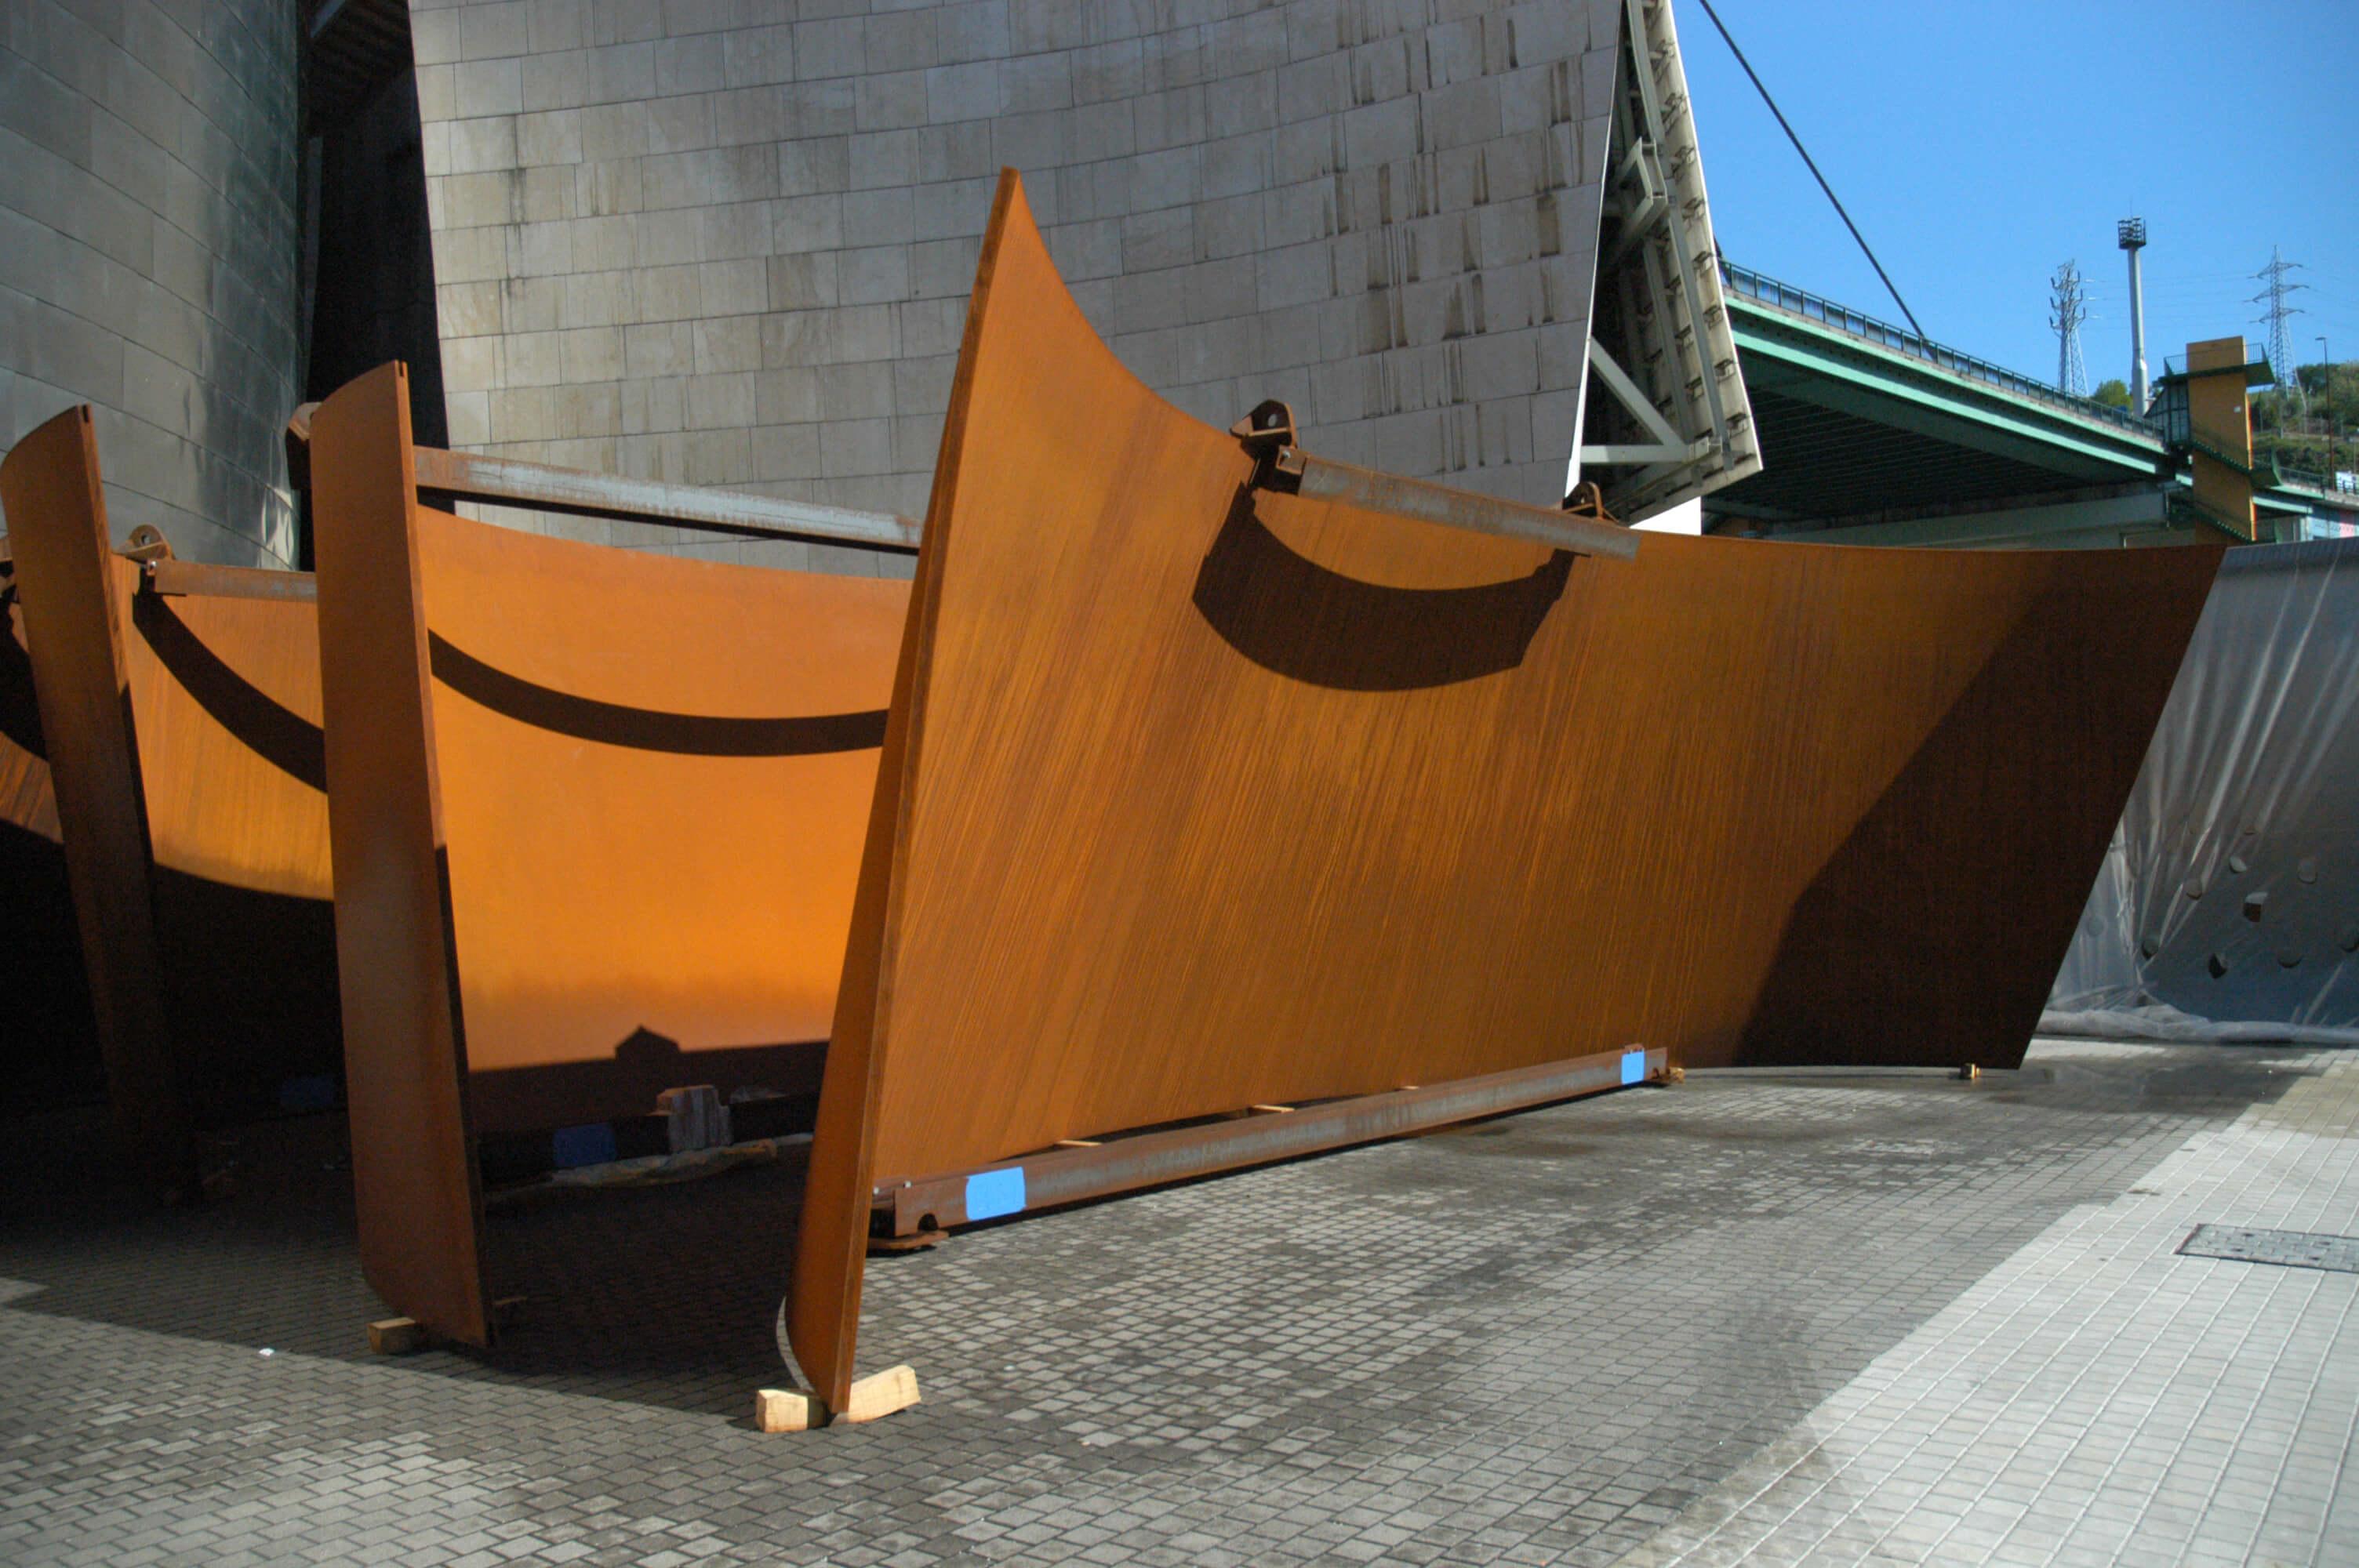 Llegada de las piezas al Museo | La materia del tiempo | Guggenheim Bilbao Museoa